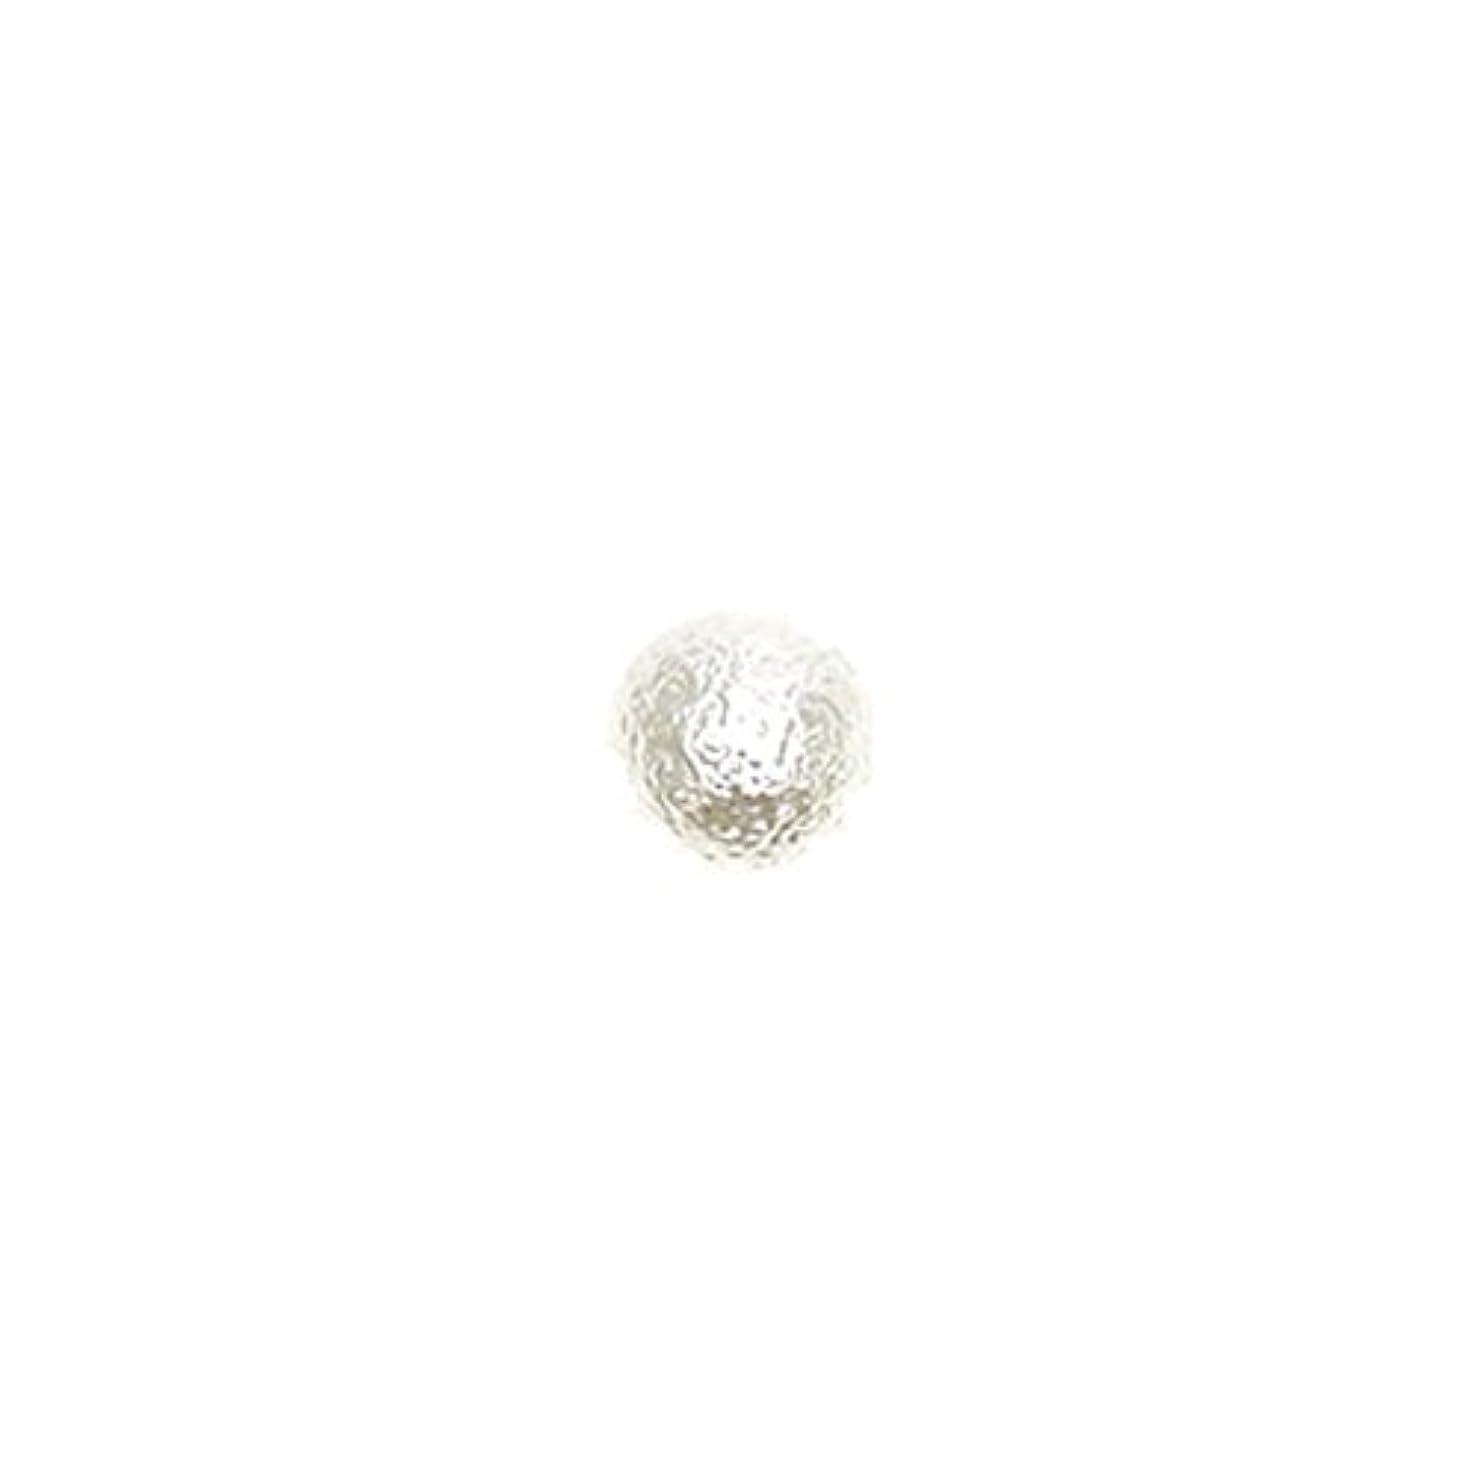 暴力的な架空の動員するirogel イロジェル ネイルパーツ コットンパール【ホワイト 3mm】【約15個】